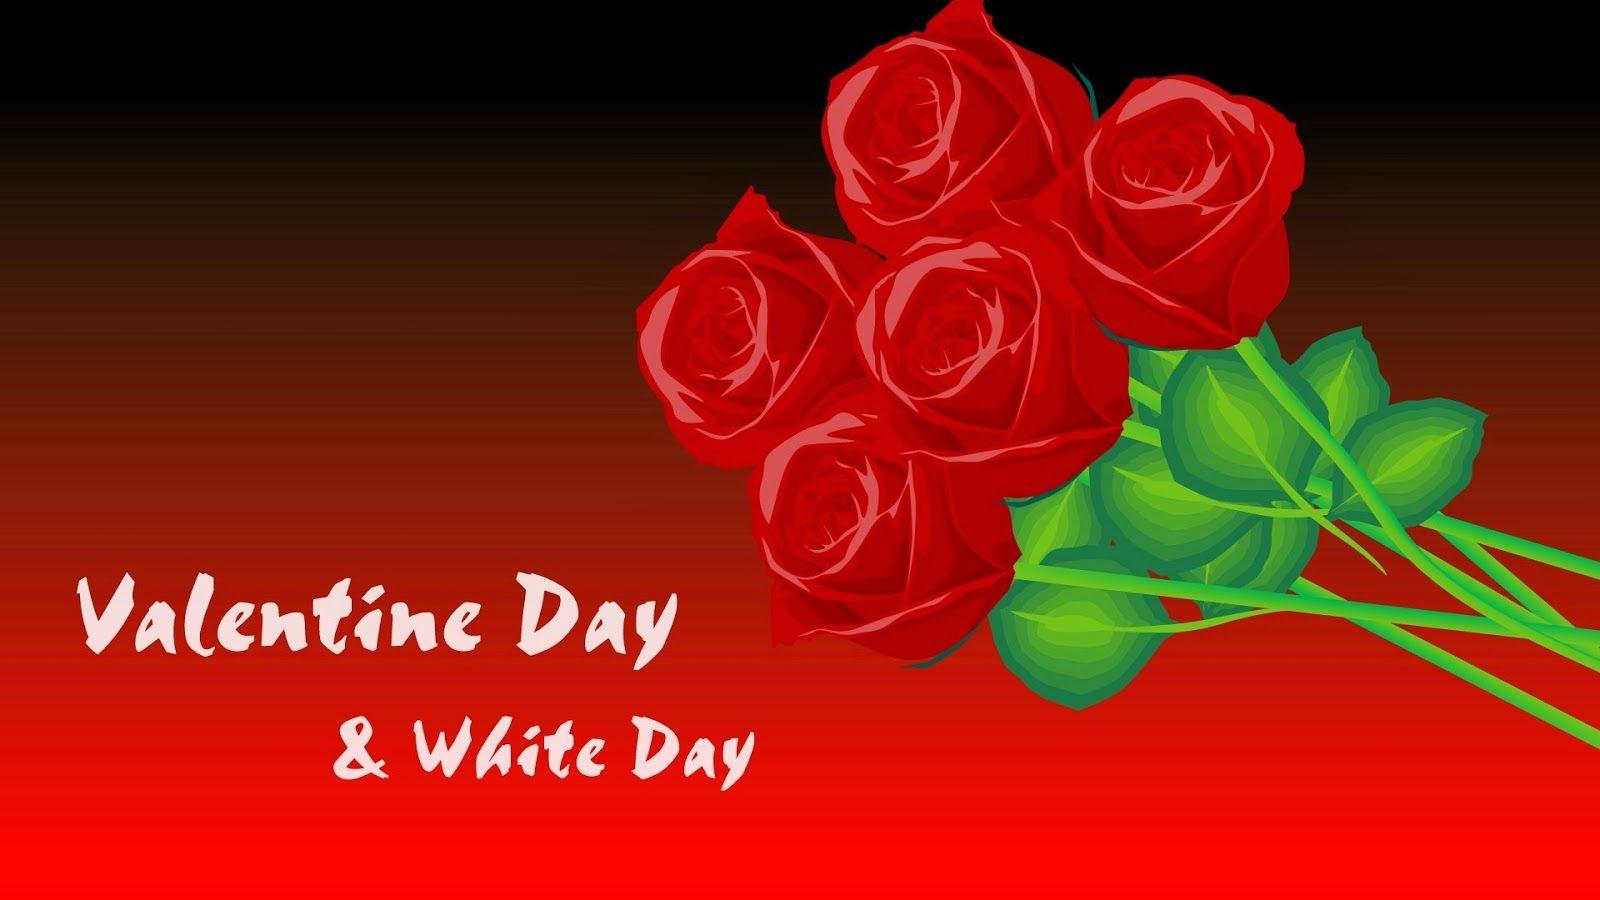 red red rose poem pdf